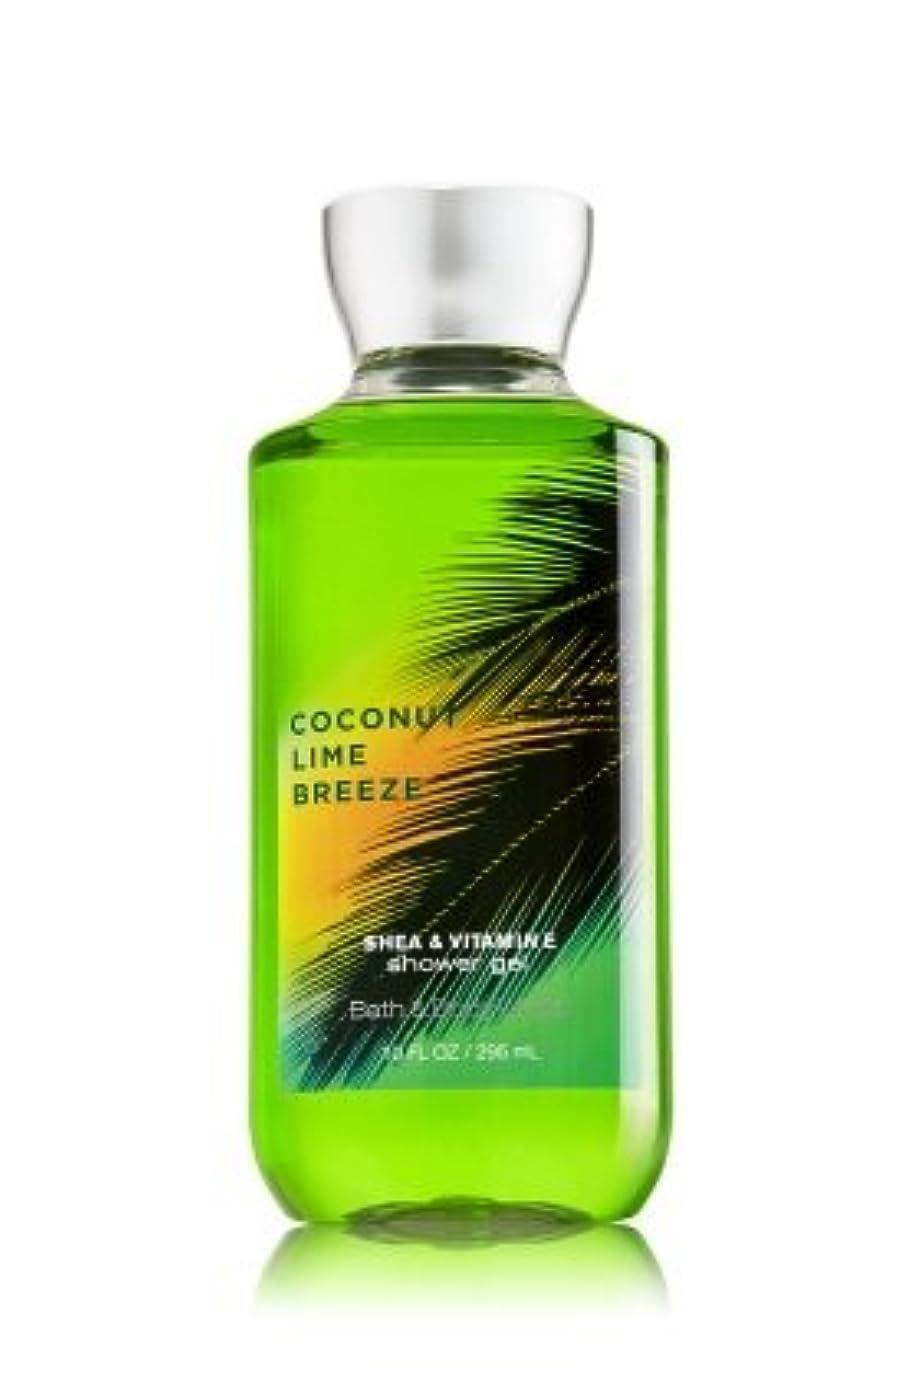 不良品畝間マガジン【Bath&Body Works/バス&ボディワークス】 シャワージェル ココナッツライムブリーズ Shower Gel Coconut Lime Breeze 10 fl oz / 295 mL [並行輸入品]